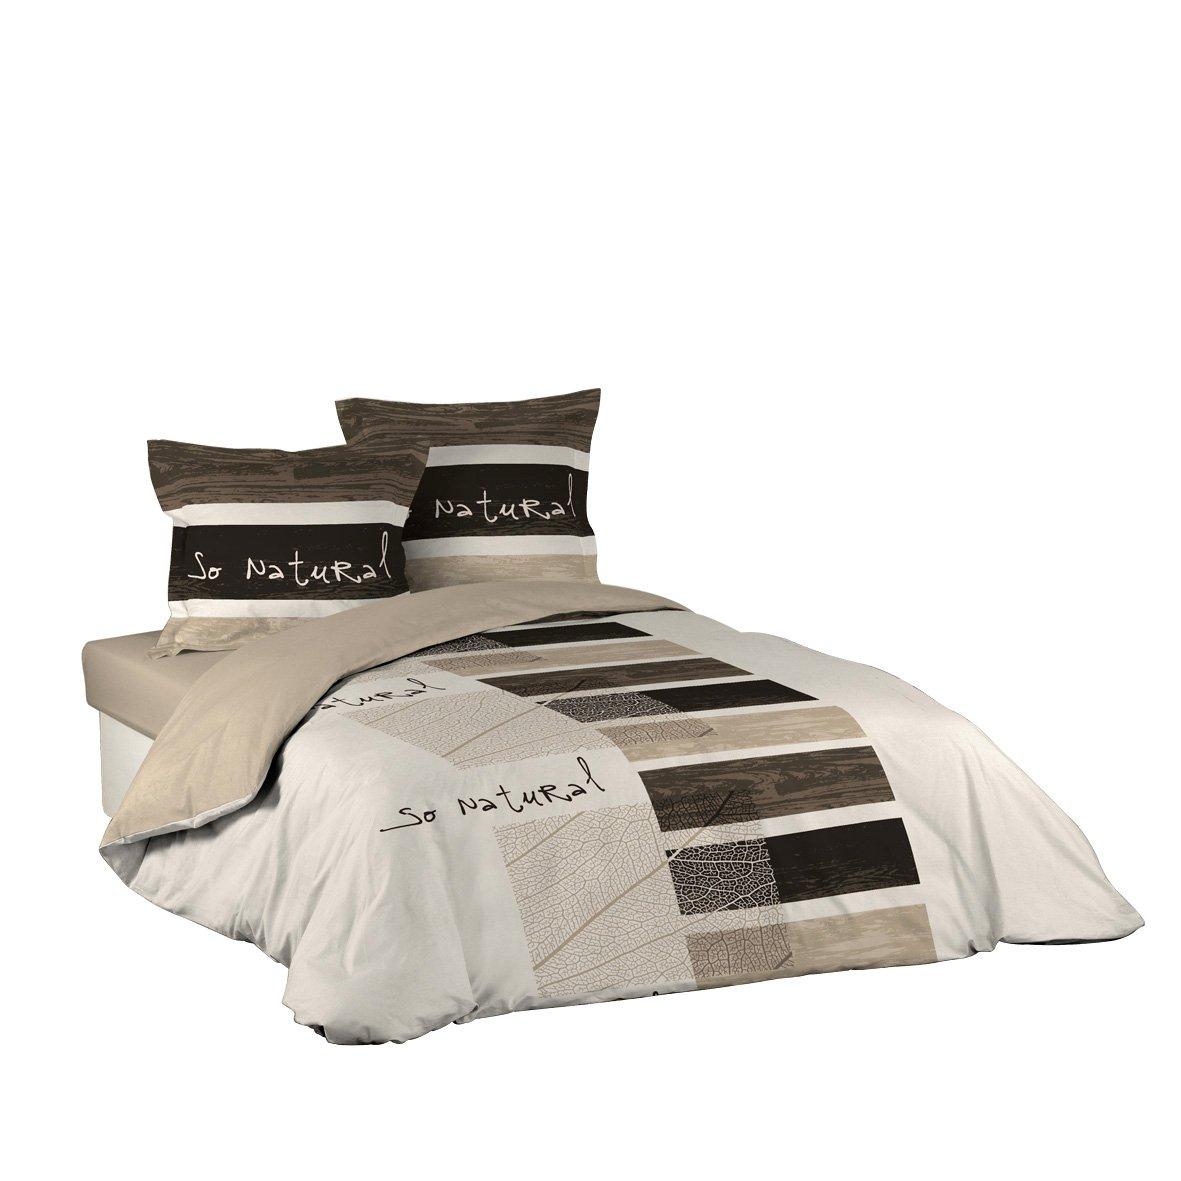 housse couette musique parure de drap london avec l. Black Bedroom Furniture Sets. Home Design Ideas